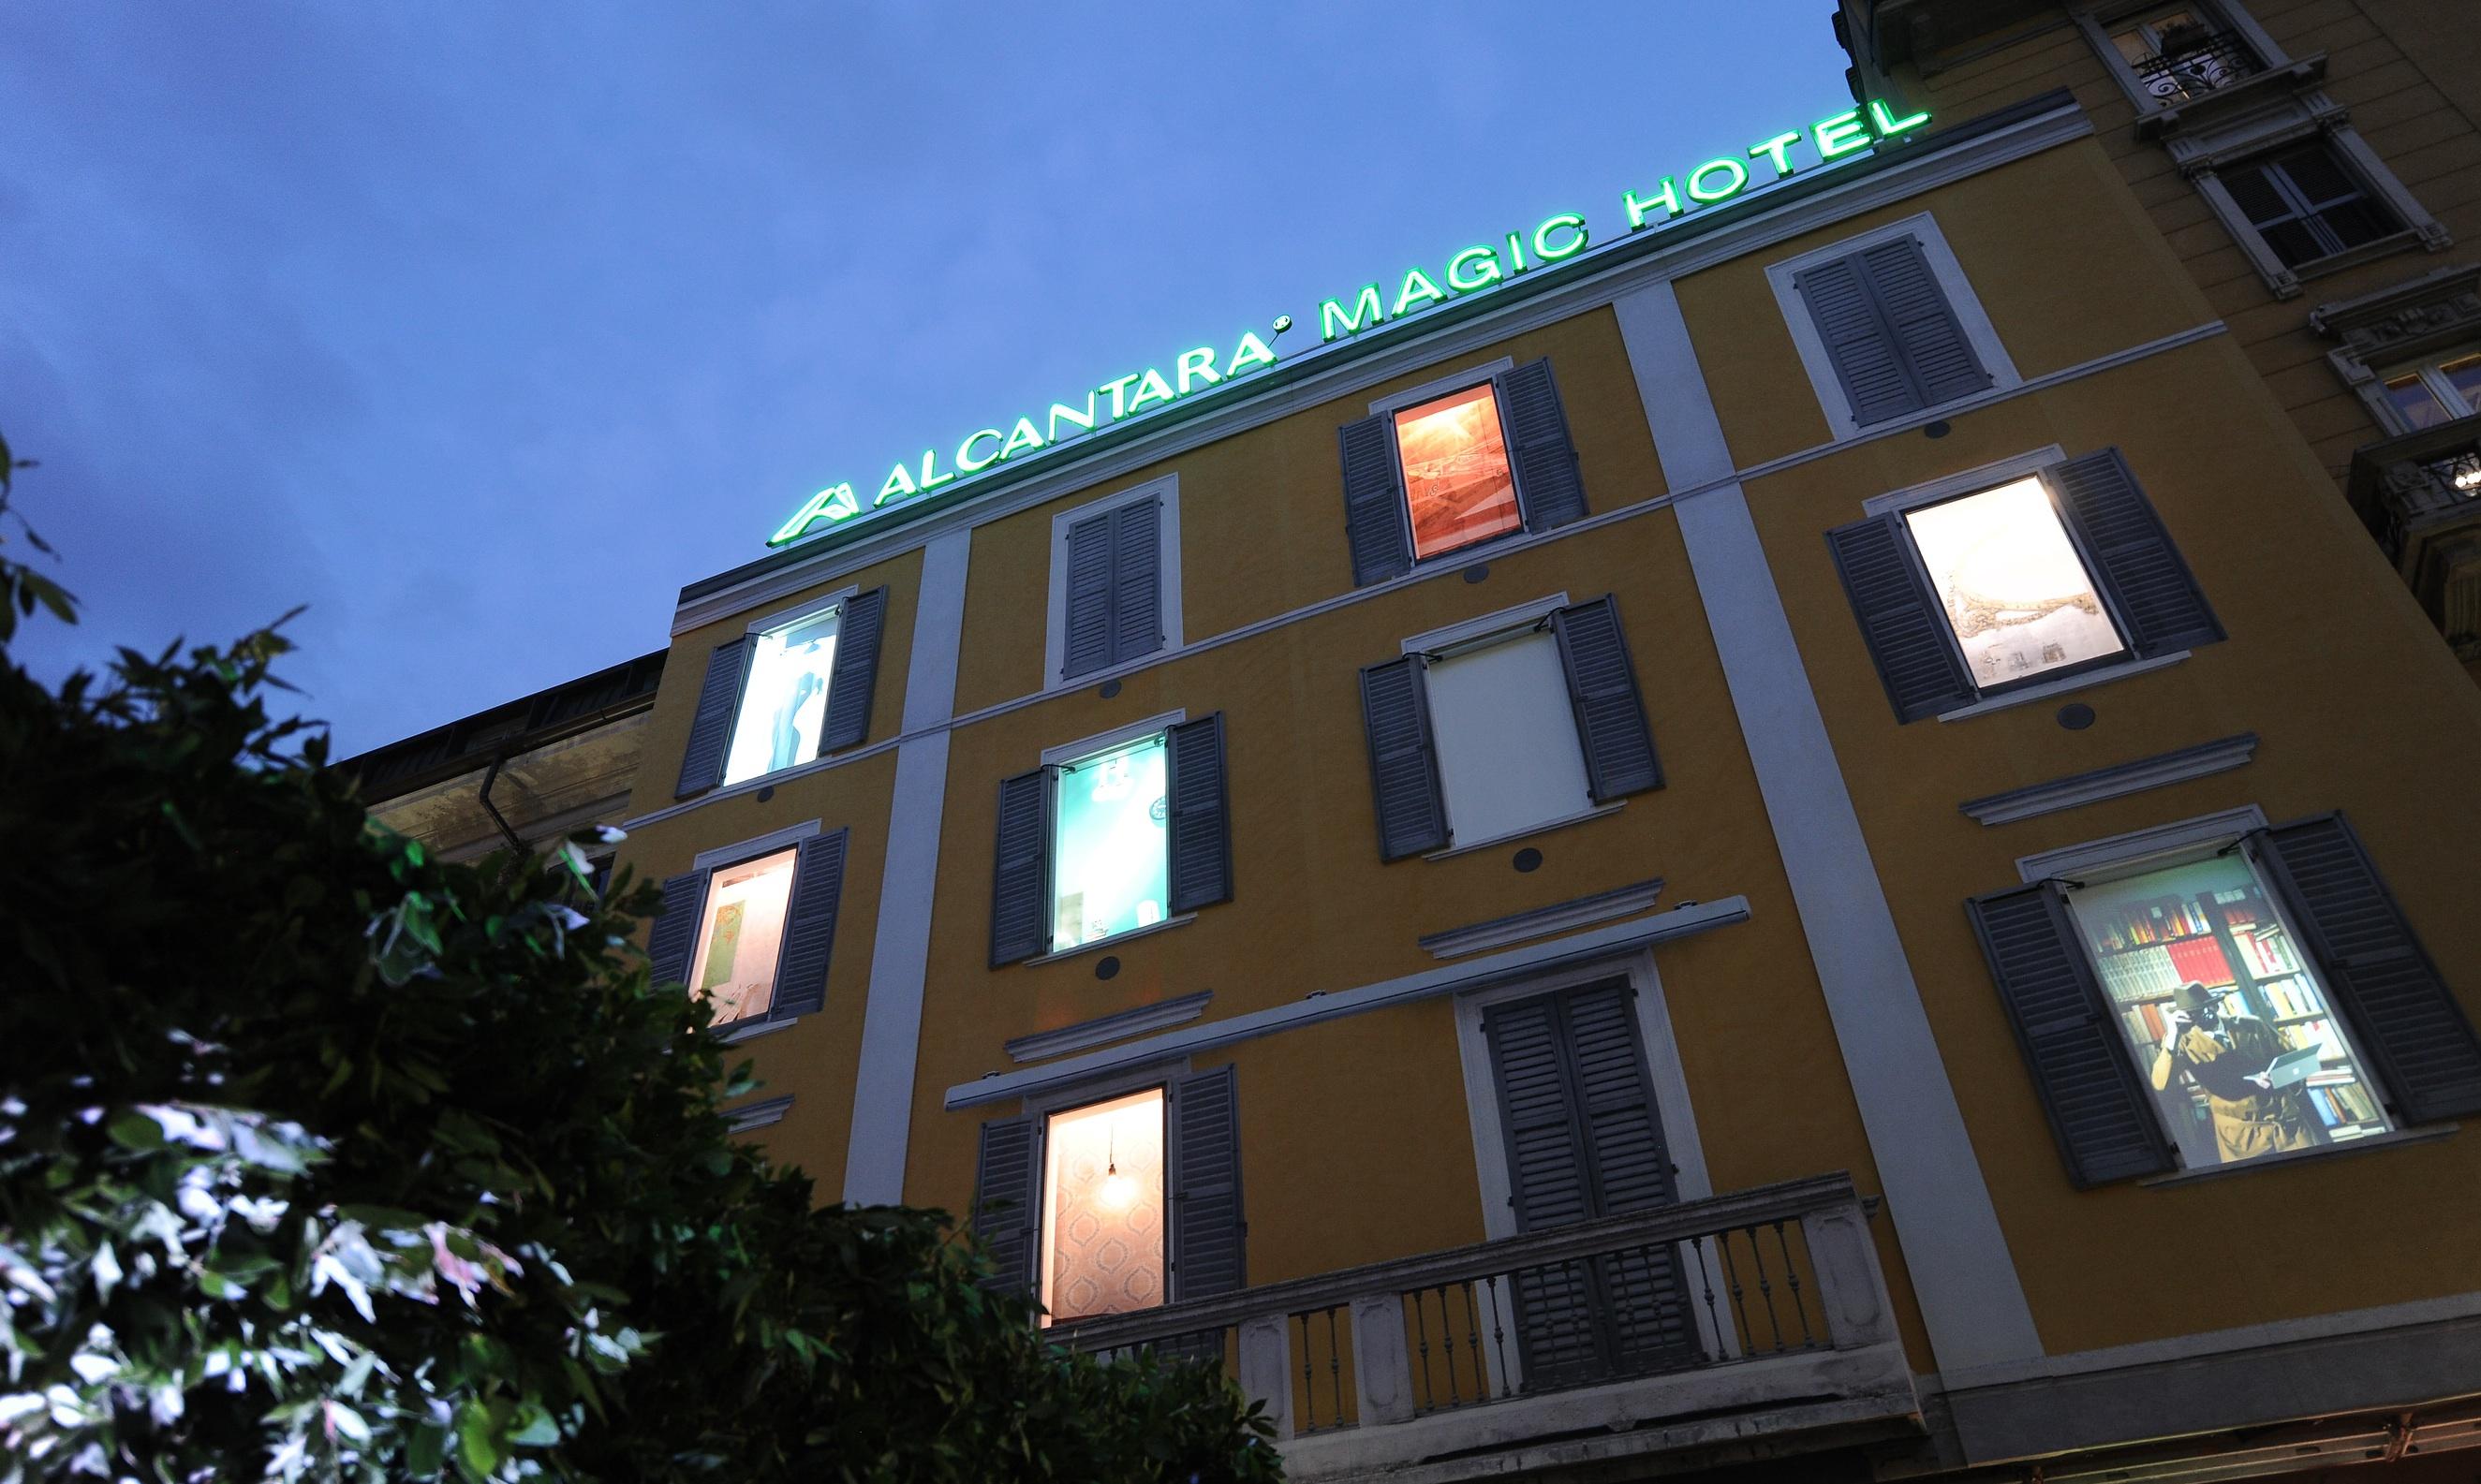 MAGIC HOTEL (PER FINTA)